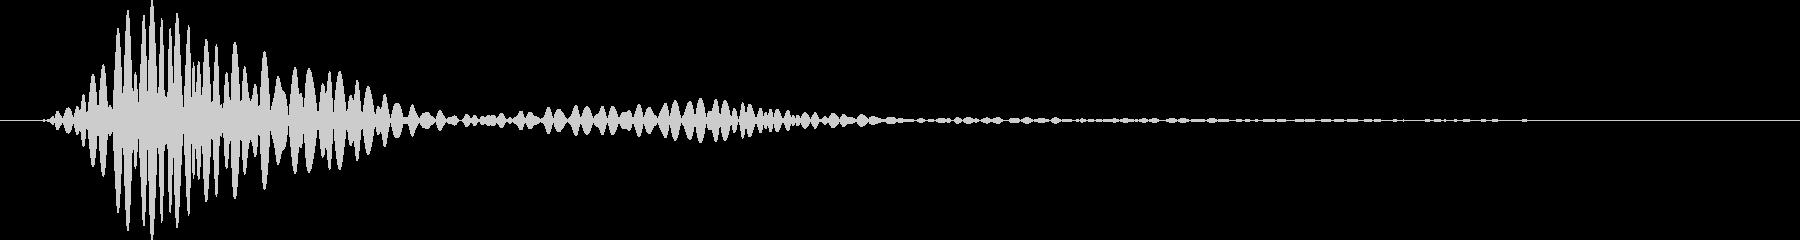 レーザーブレード3の未再生の波形